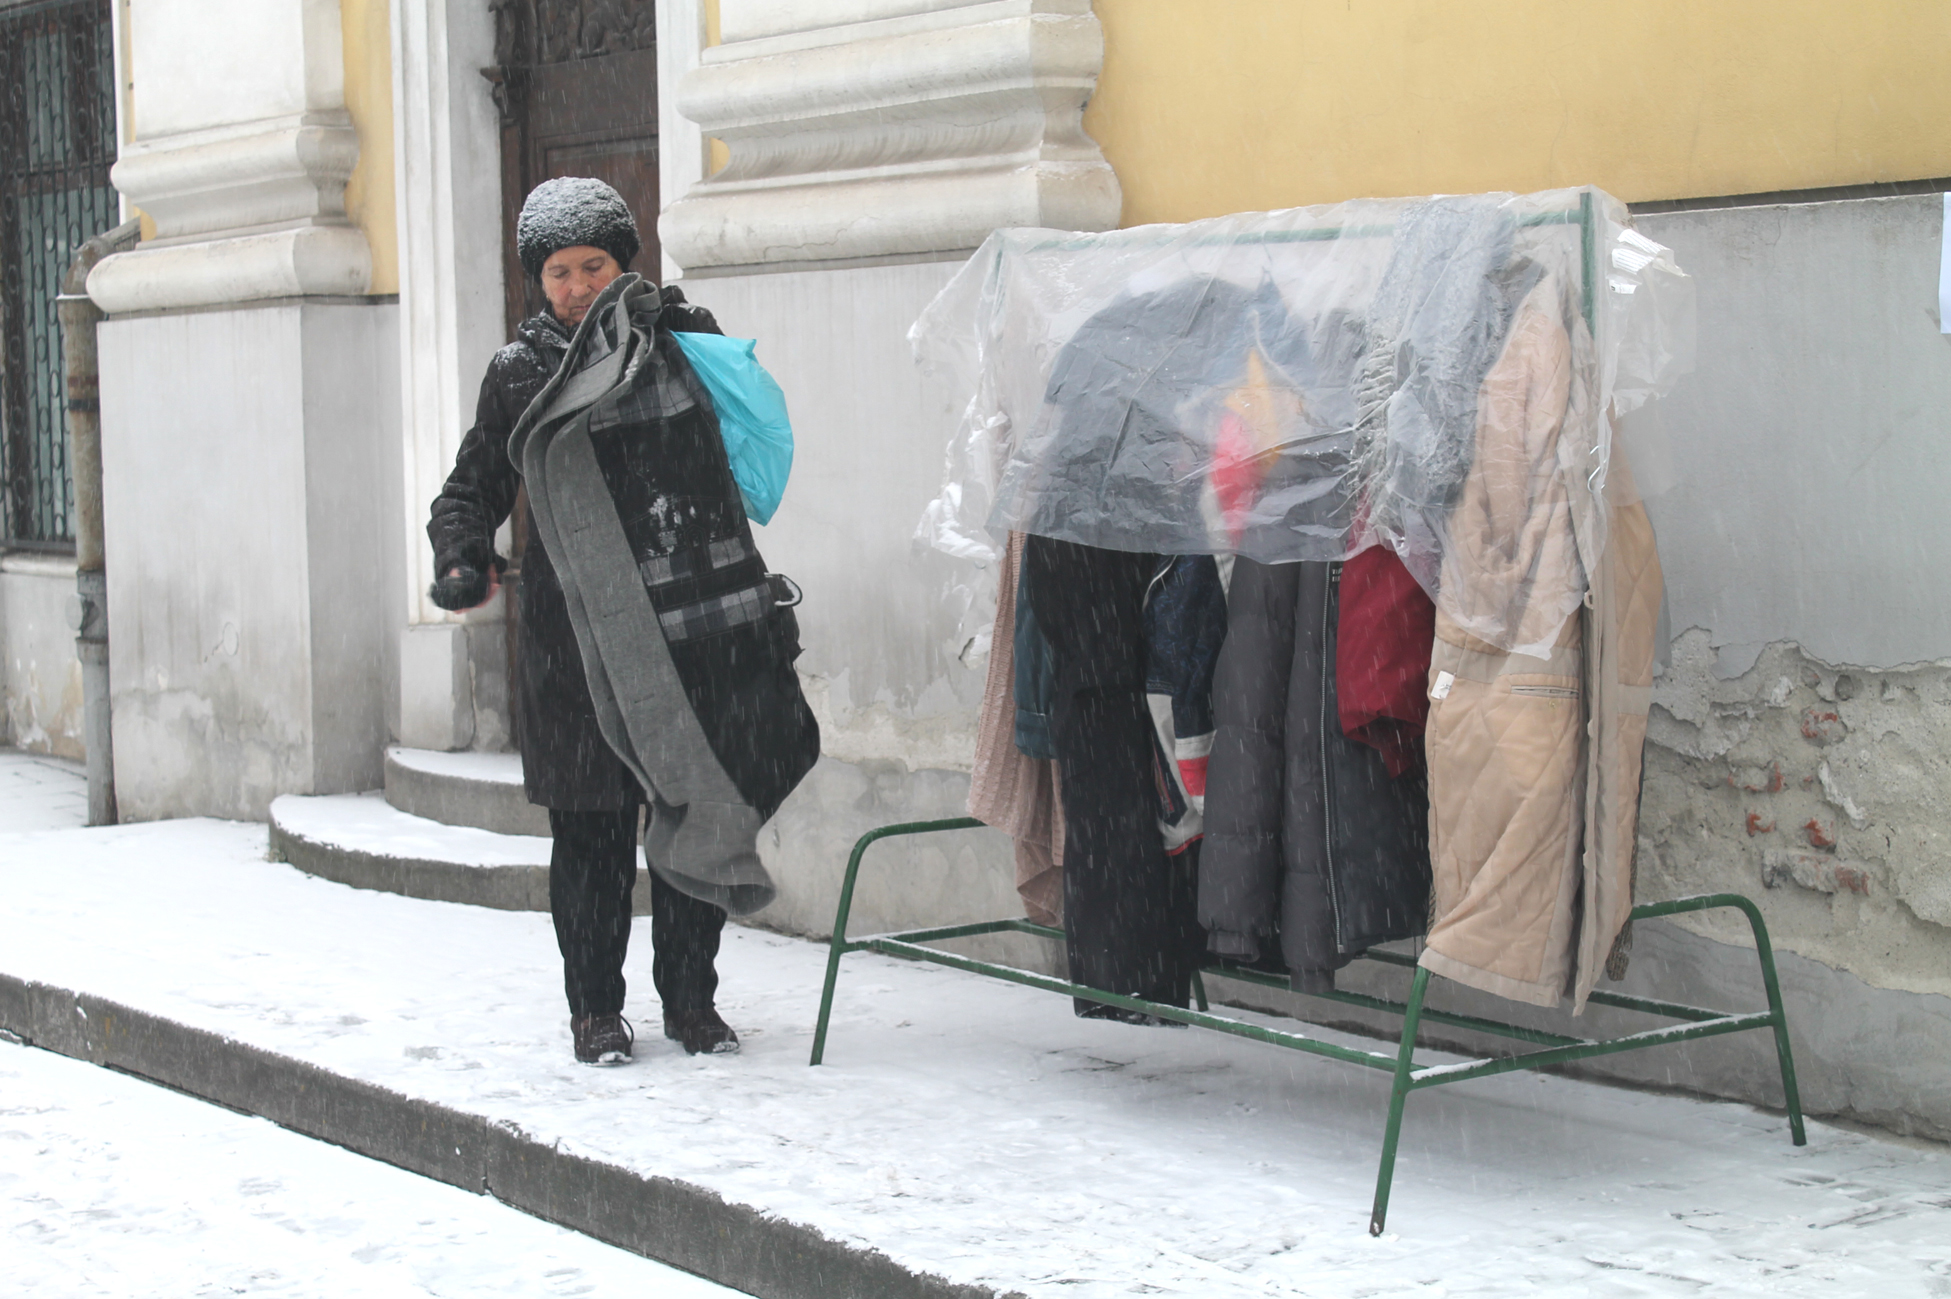 5f34dfa92e ... a főtéren pedig a római katolikus plébánia elé kihelyezett fogasra  akaszthatnak fel az adakozók meleg kabátokat, téli öltözéket a rászorulók  részére.